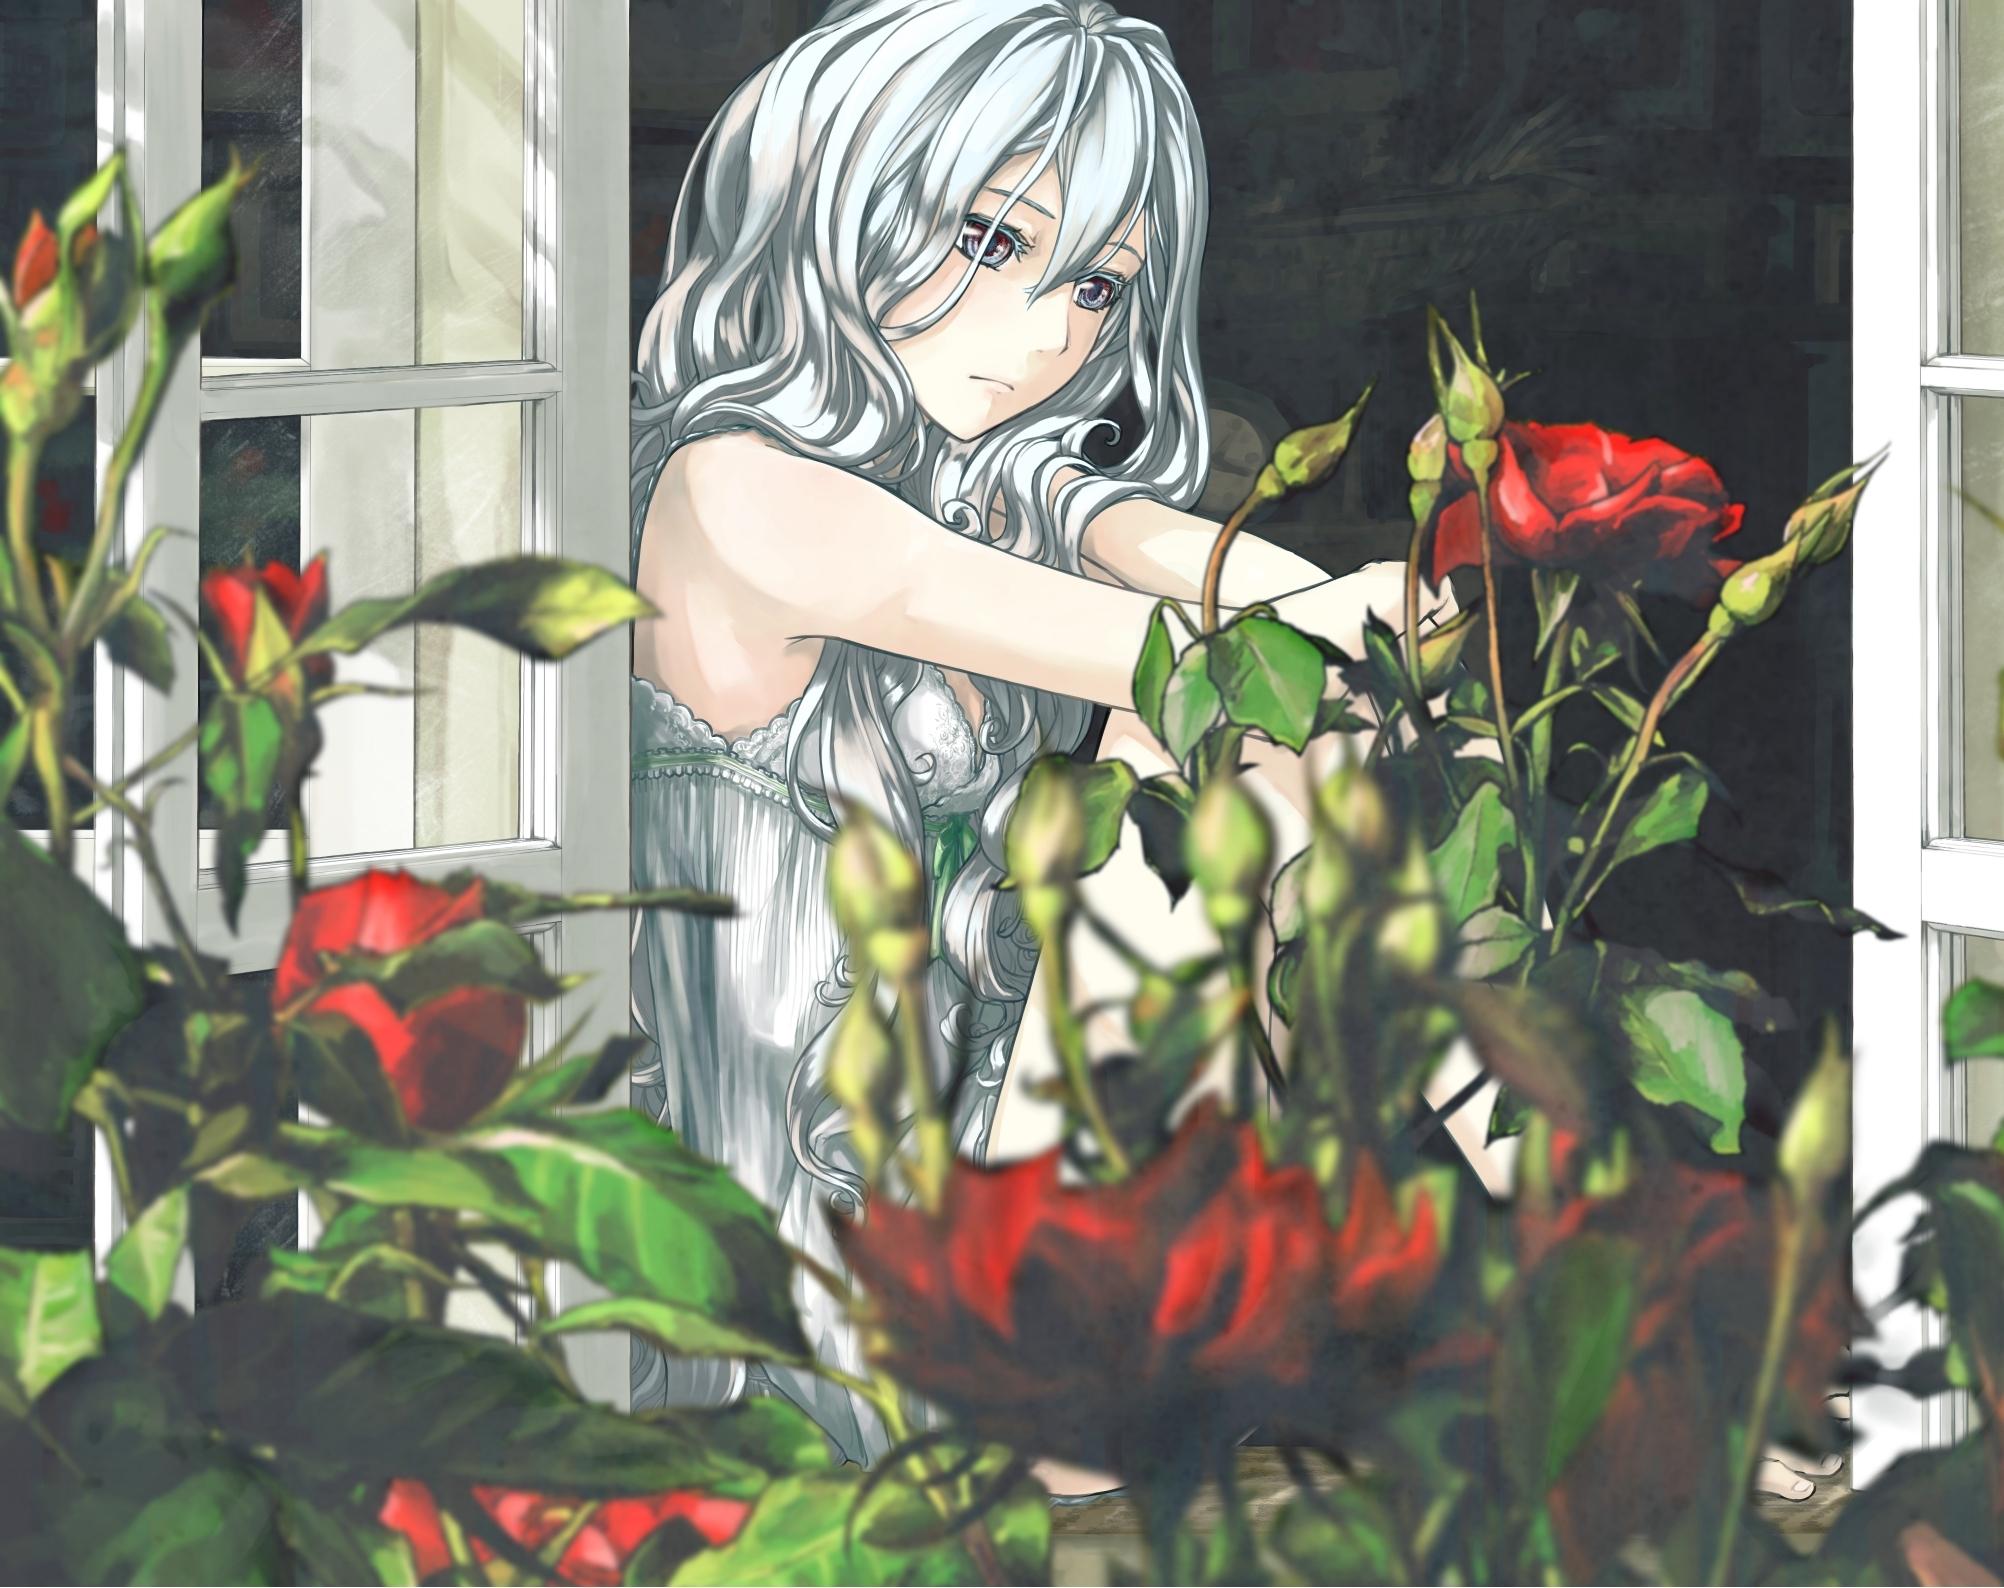 Spring wallpaper tumblr